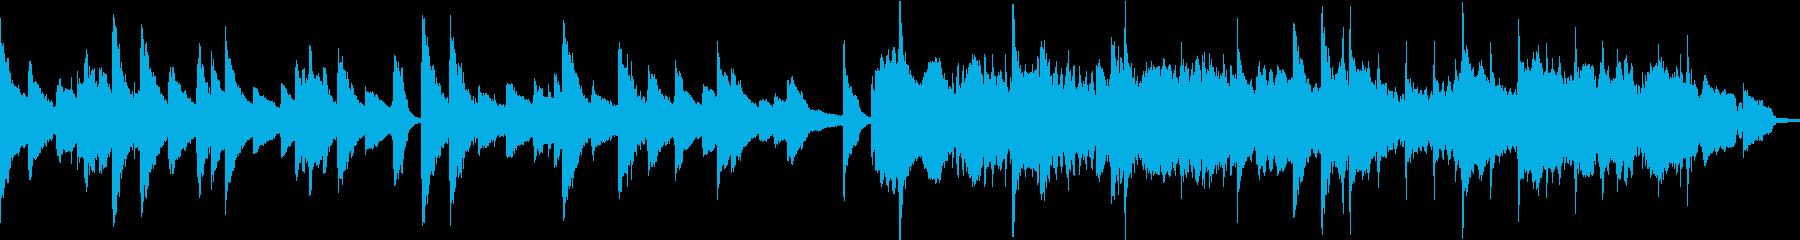 感動系 ロマンティックなさしいピアノ曲の再生済みの波形